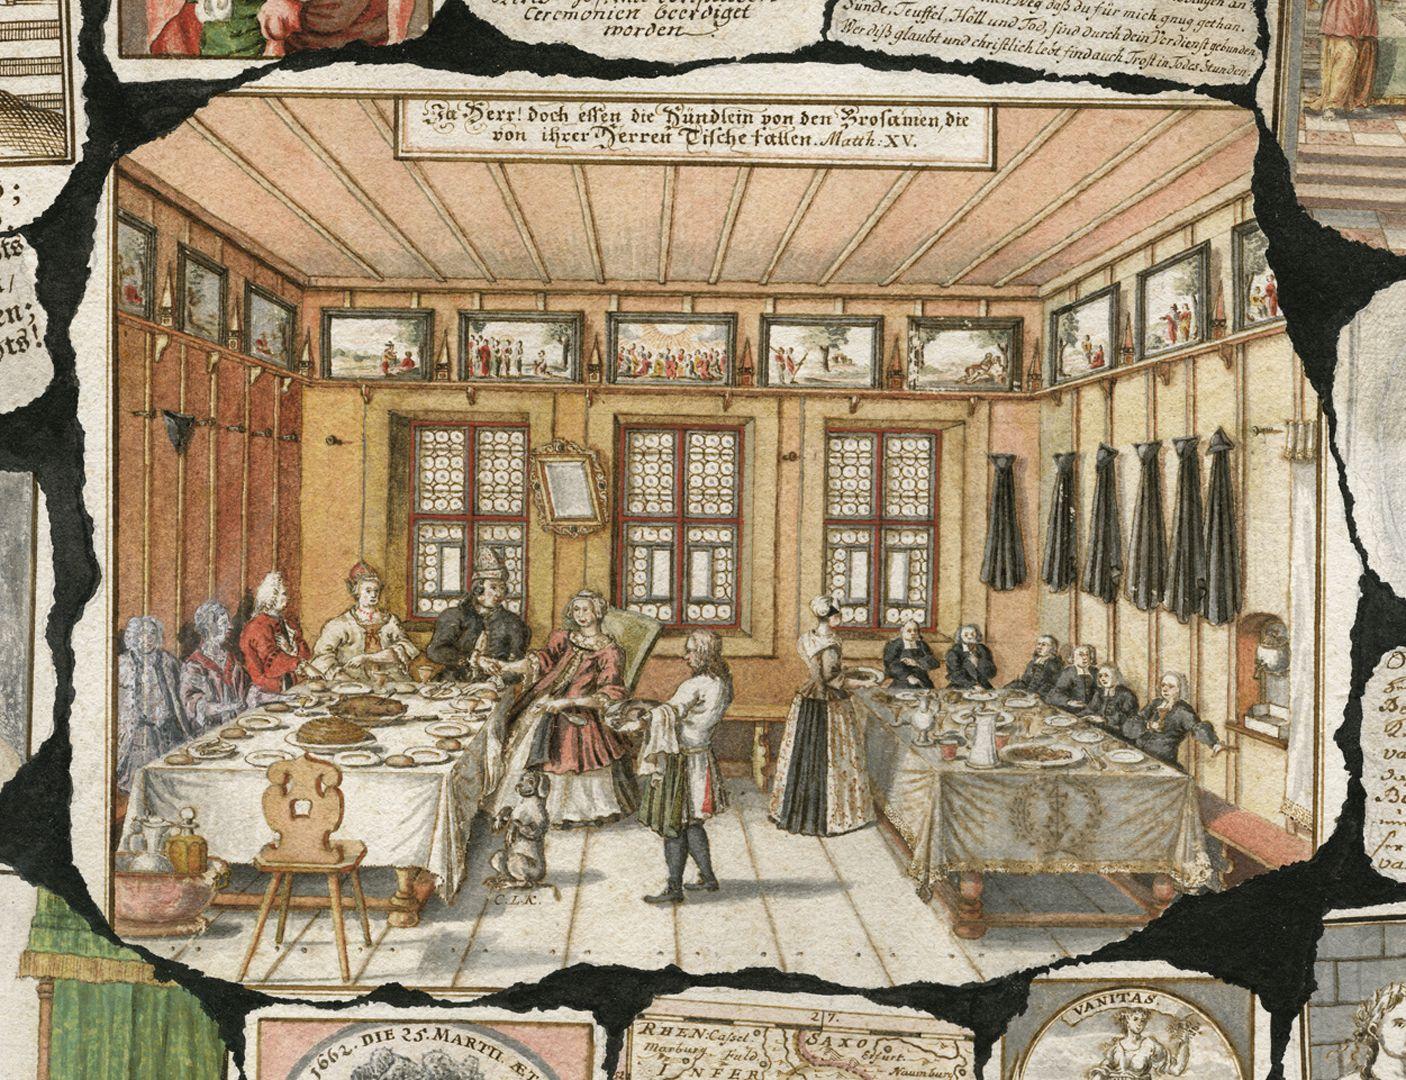 """Quodlibet auf den Tod des Weinhändlers Graff Zentrale Szene mit der Darstellung eines Festmahls. Bildüberschrift:"""" Ja Herr! doch essen die Hündlein von den Brosamen, die von ihrer Herren Tische fallen. Math: XV"""" (Matthäus 15,27)."""